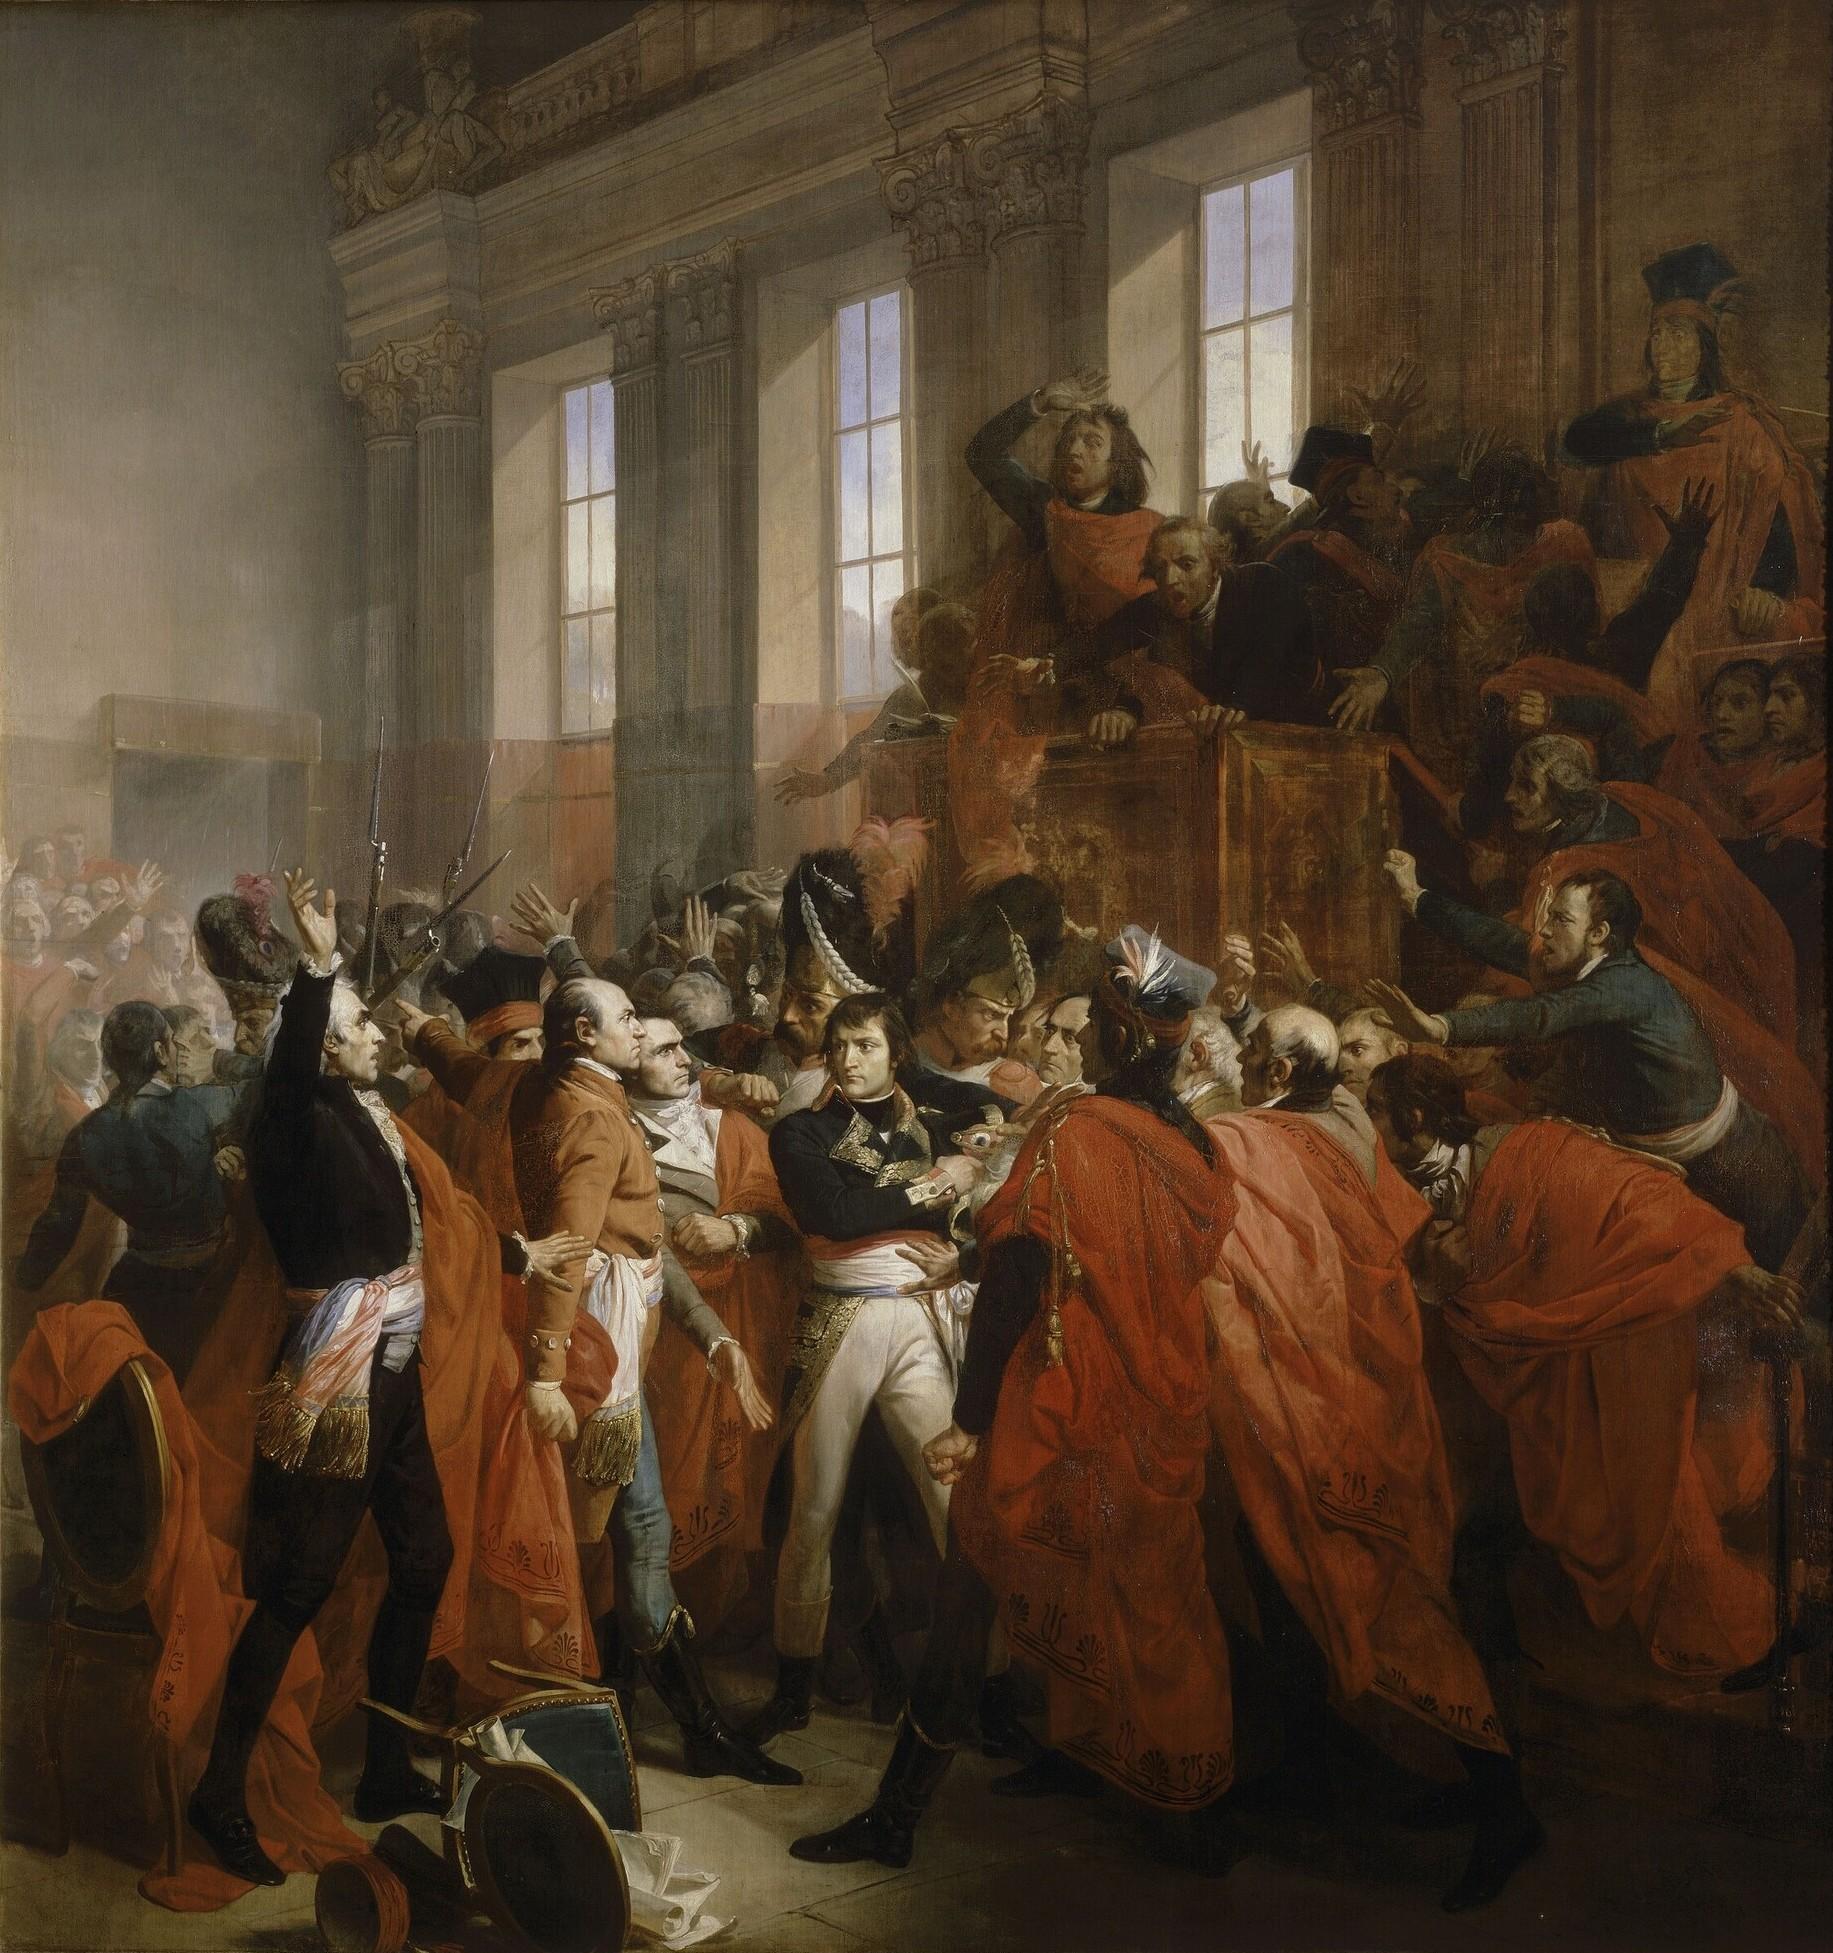 Napoleon Bonaparte in the coup d'état of 18 Brumaire in Saint-Cloud.